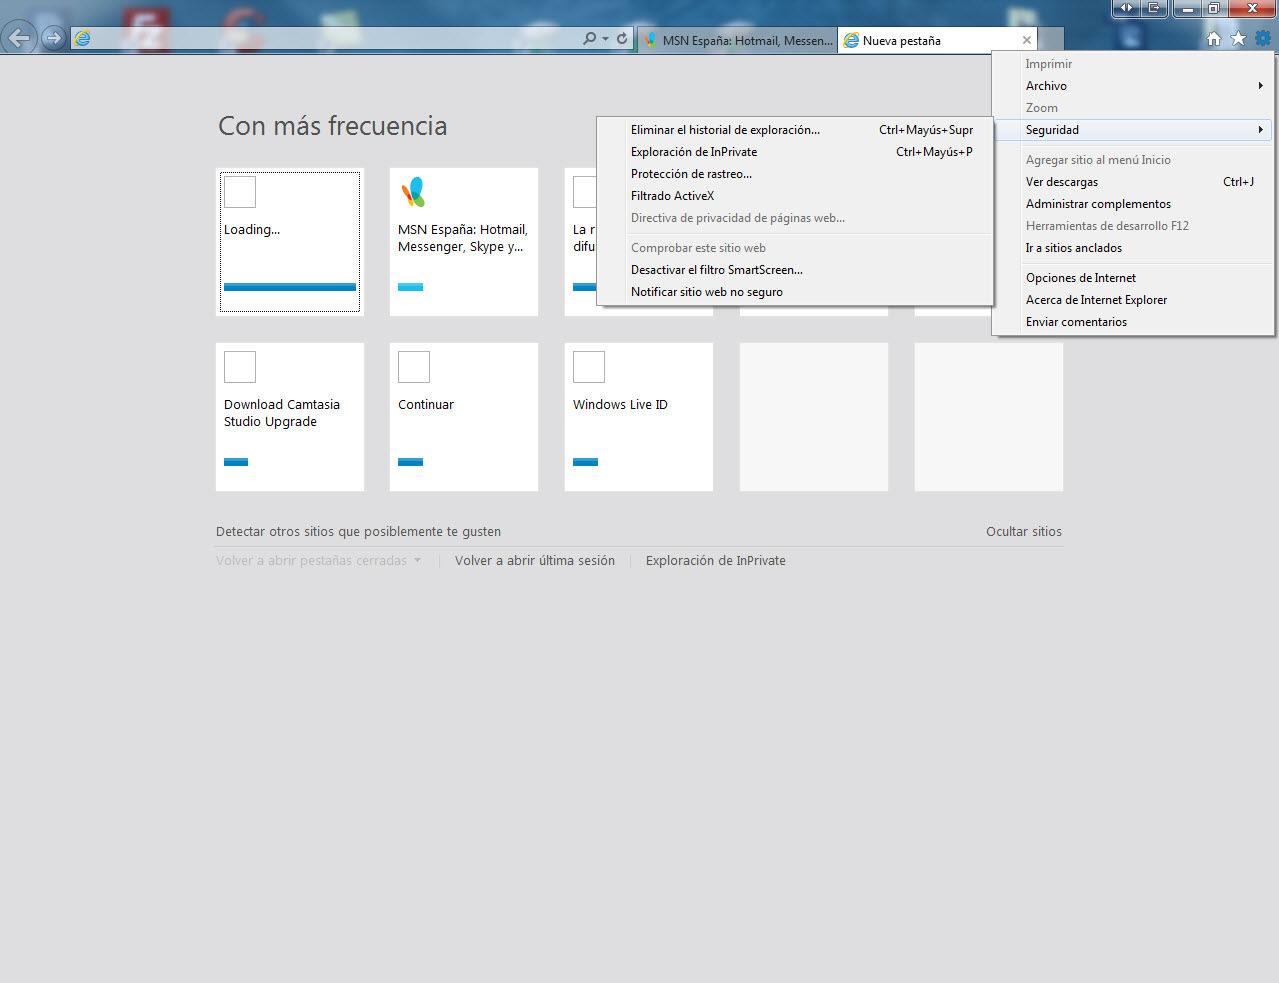 Internet explorer 10 pour windows vista 32 bits